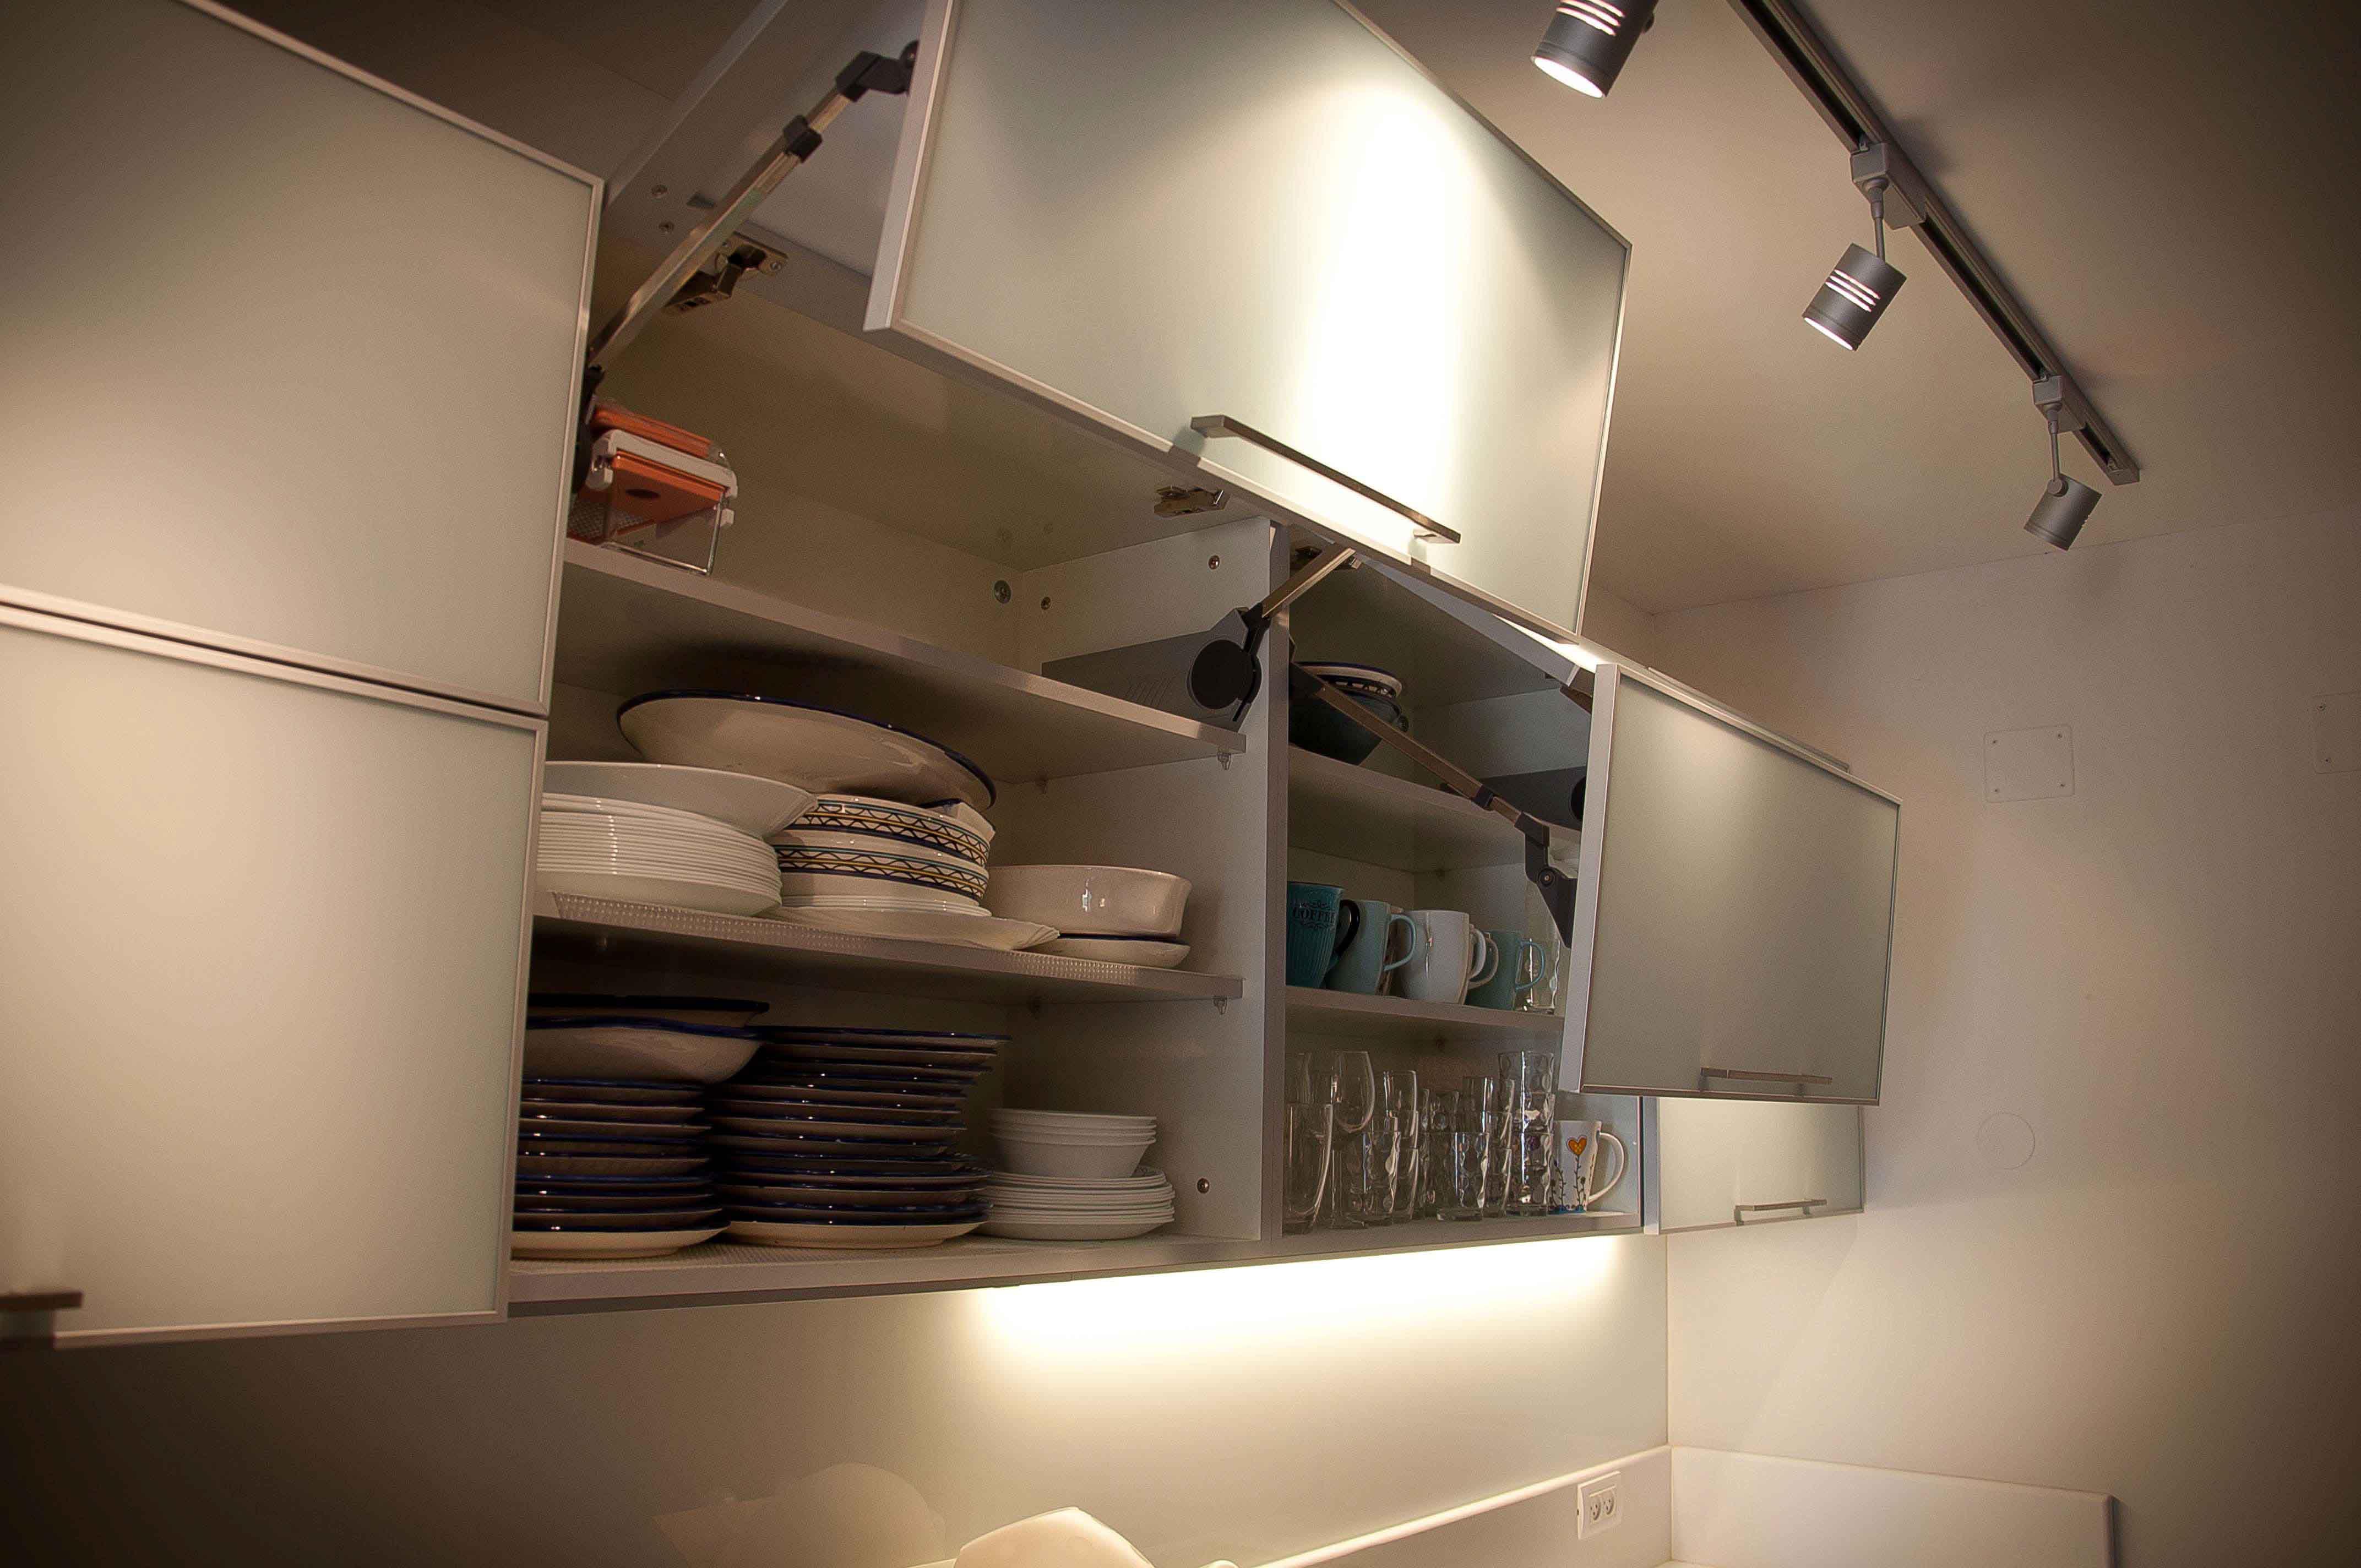 פרזול פנימי: קלאפה למטבח: ארון עליון